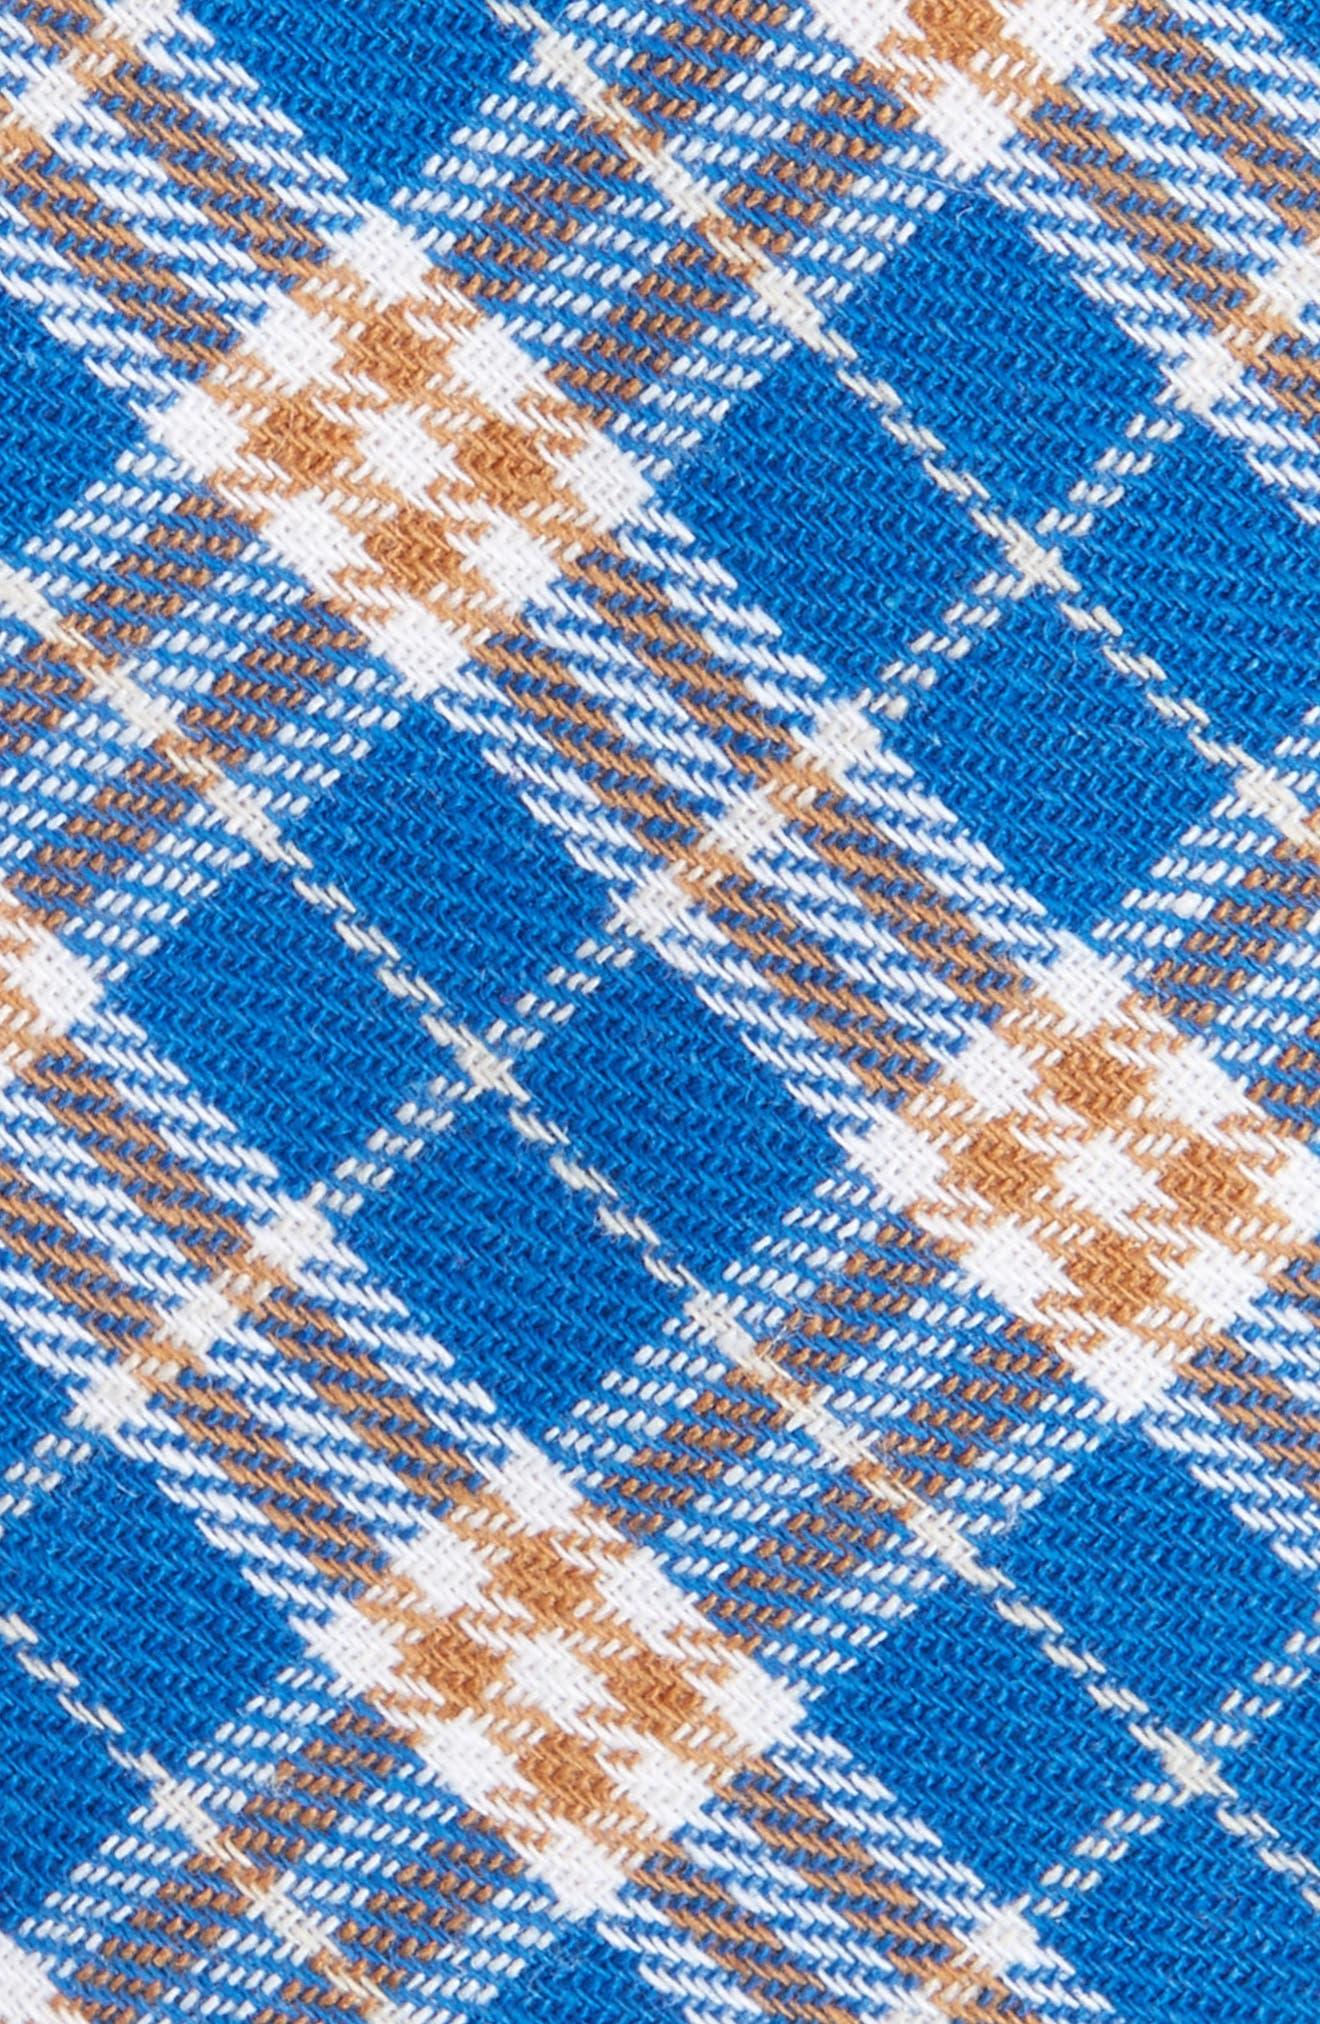 Siegel Plaid Cotton & Linen Skinny Tie,                             Alternate thumbnail 5, color,